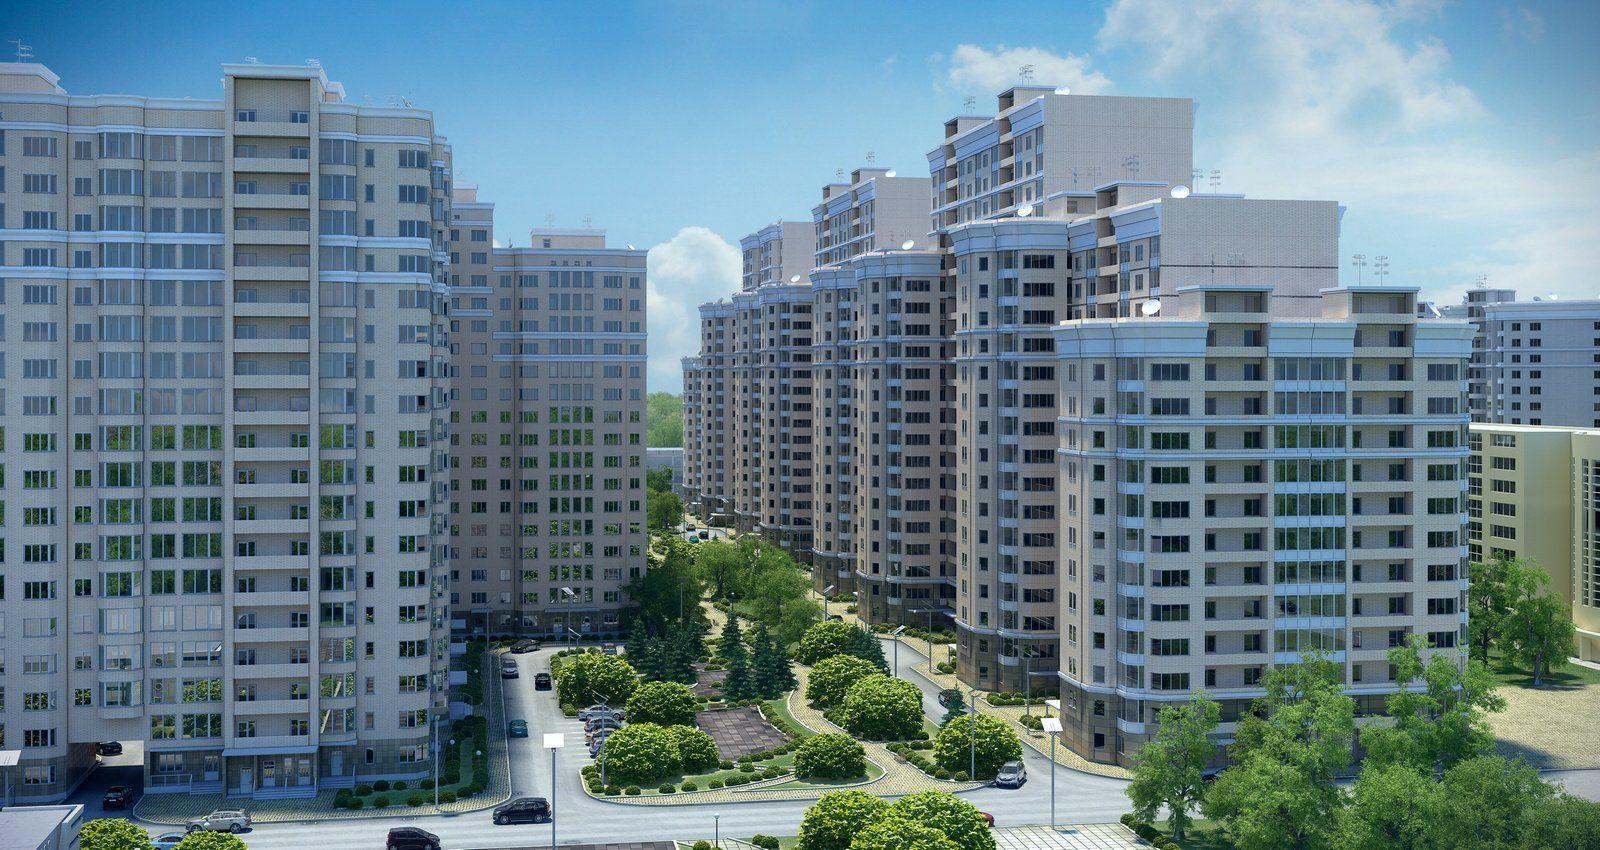 Лучшие агентства недвижимости в Екатеринбурге в 2020 году